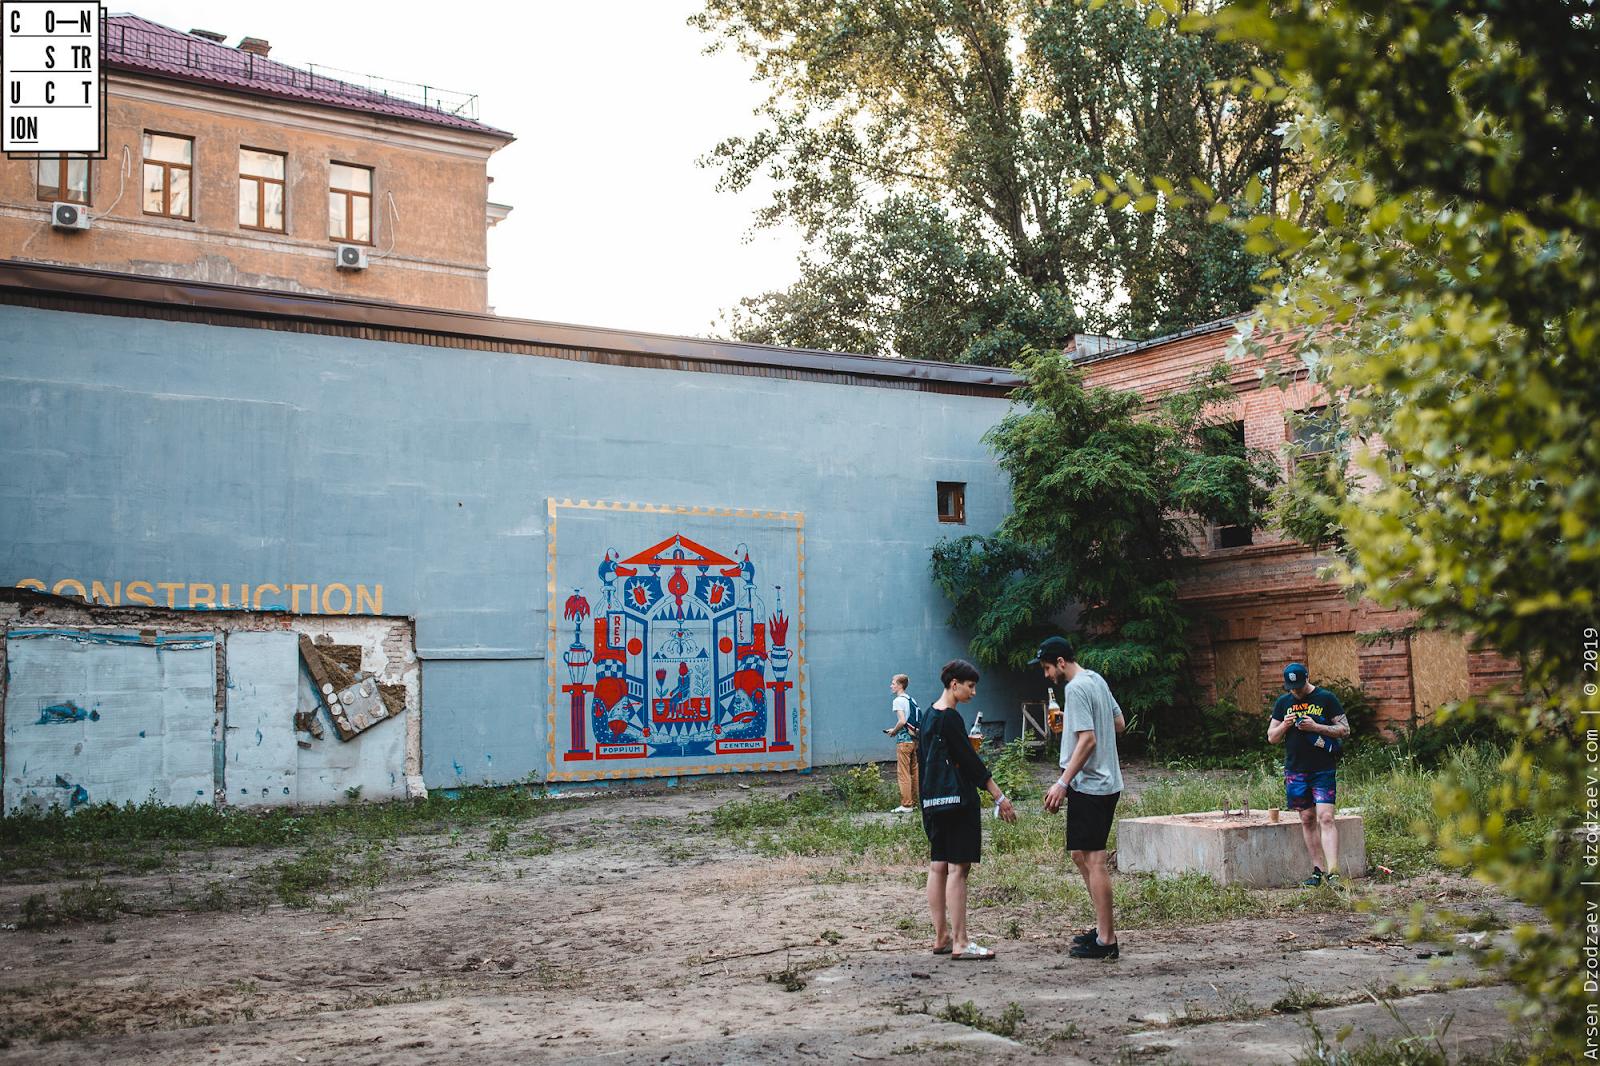 Construction Festival VI: Конструирование новой городской идентичности - 1 зображення